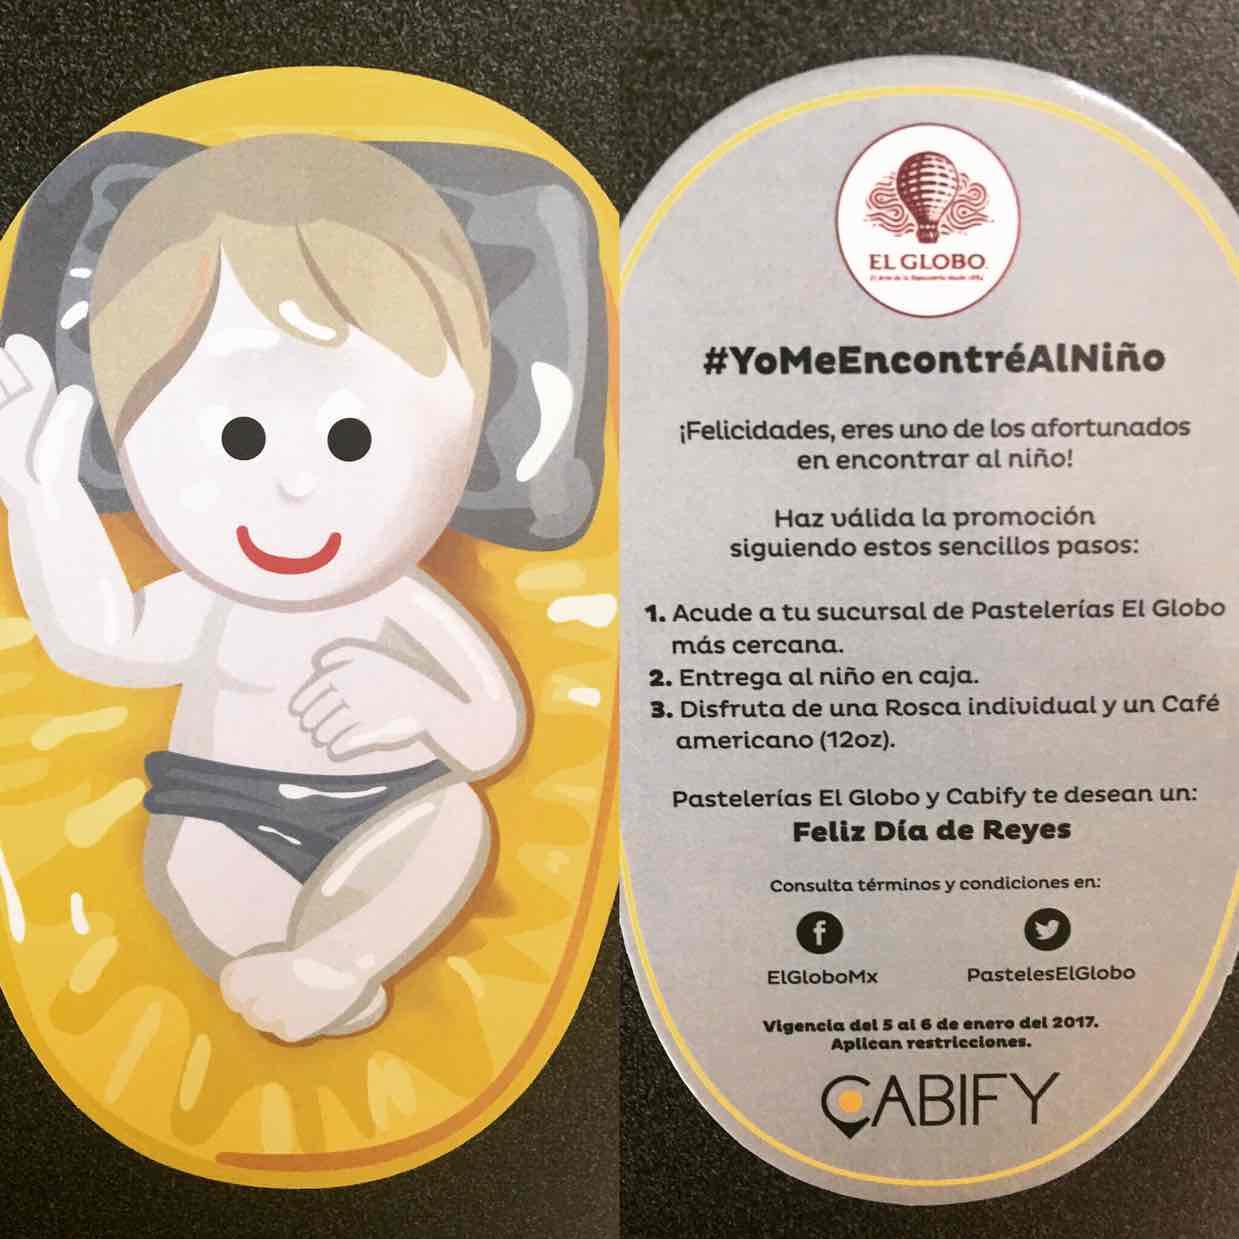 Cabify: Rosca de Reyes y café individuales de El Globo Gratis al hacer un viaje (probablemente es al azar)